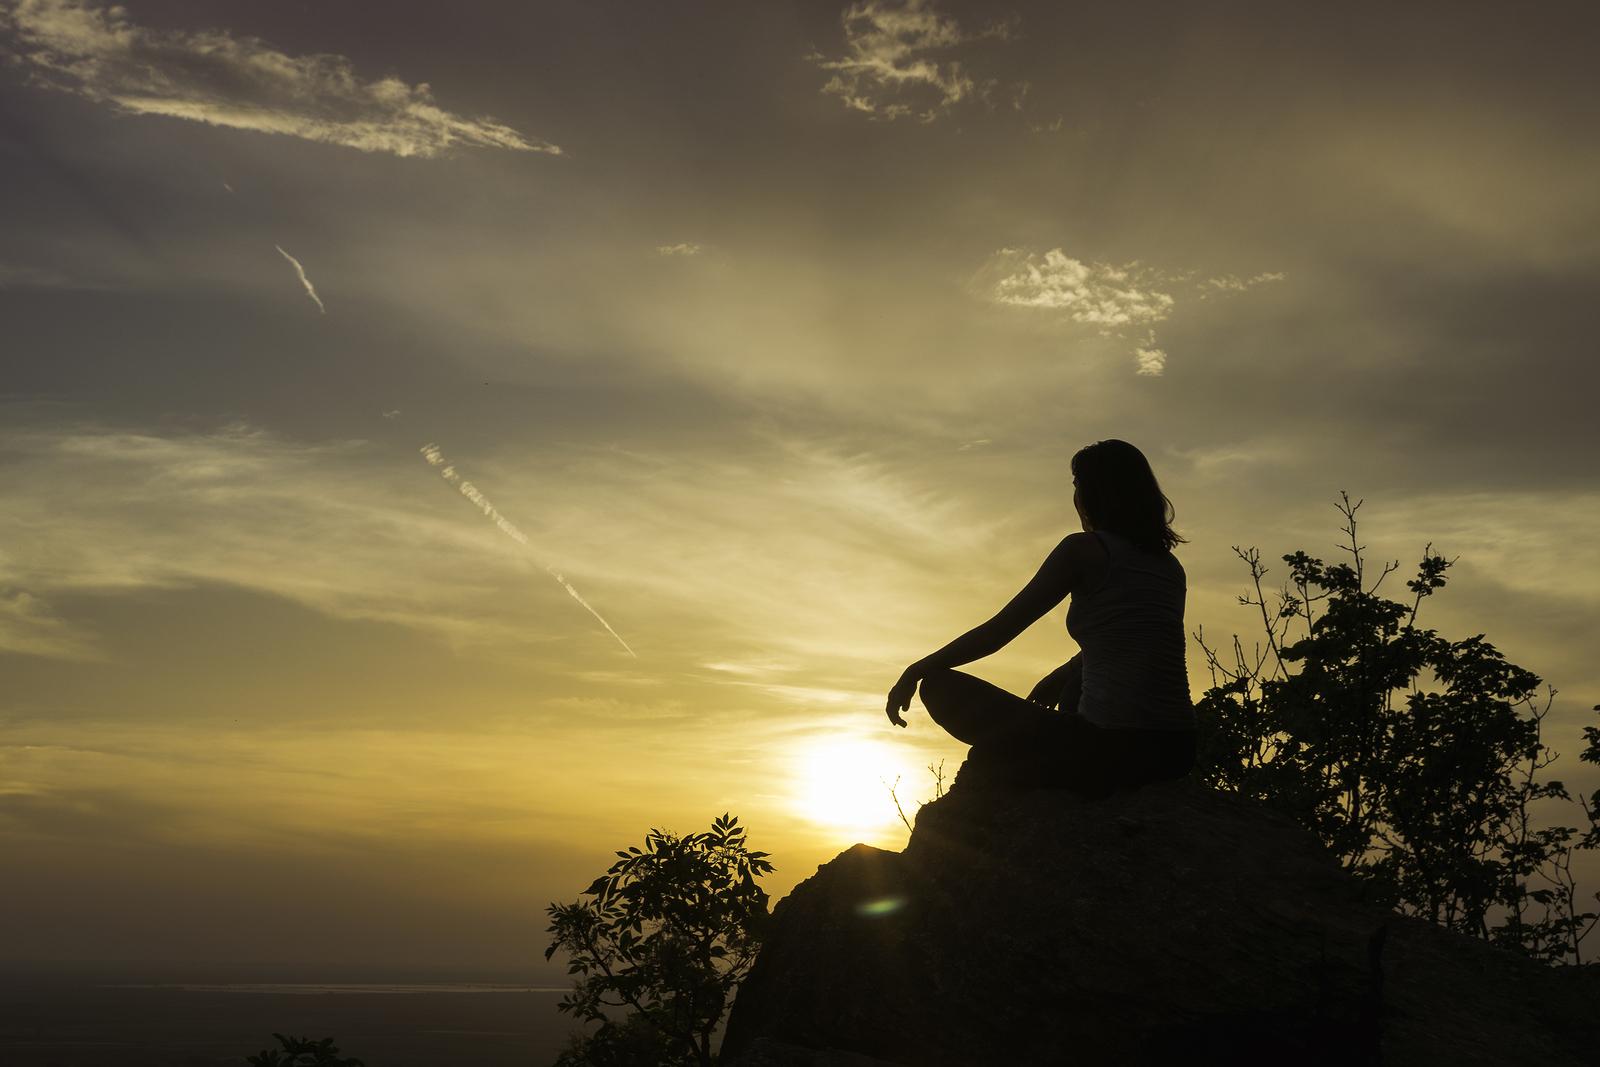 bigstock-Girl-Practicing-Yoga-On-The-Mo-239100070.jpg